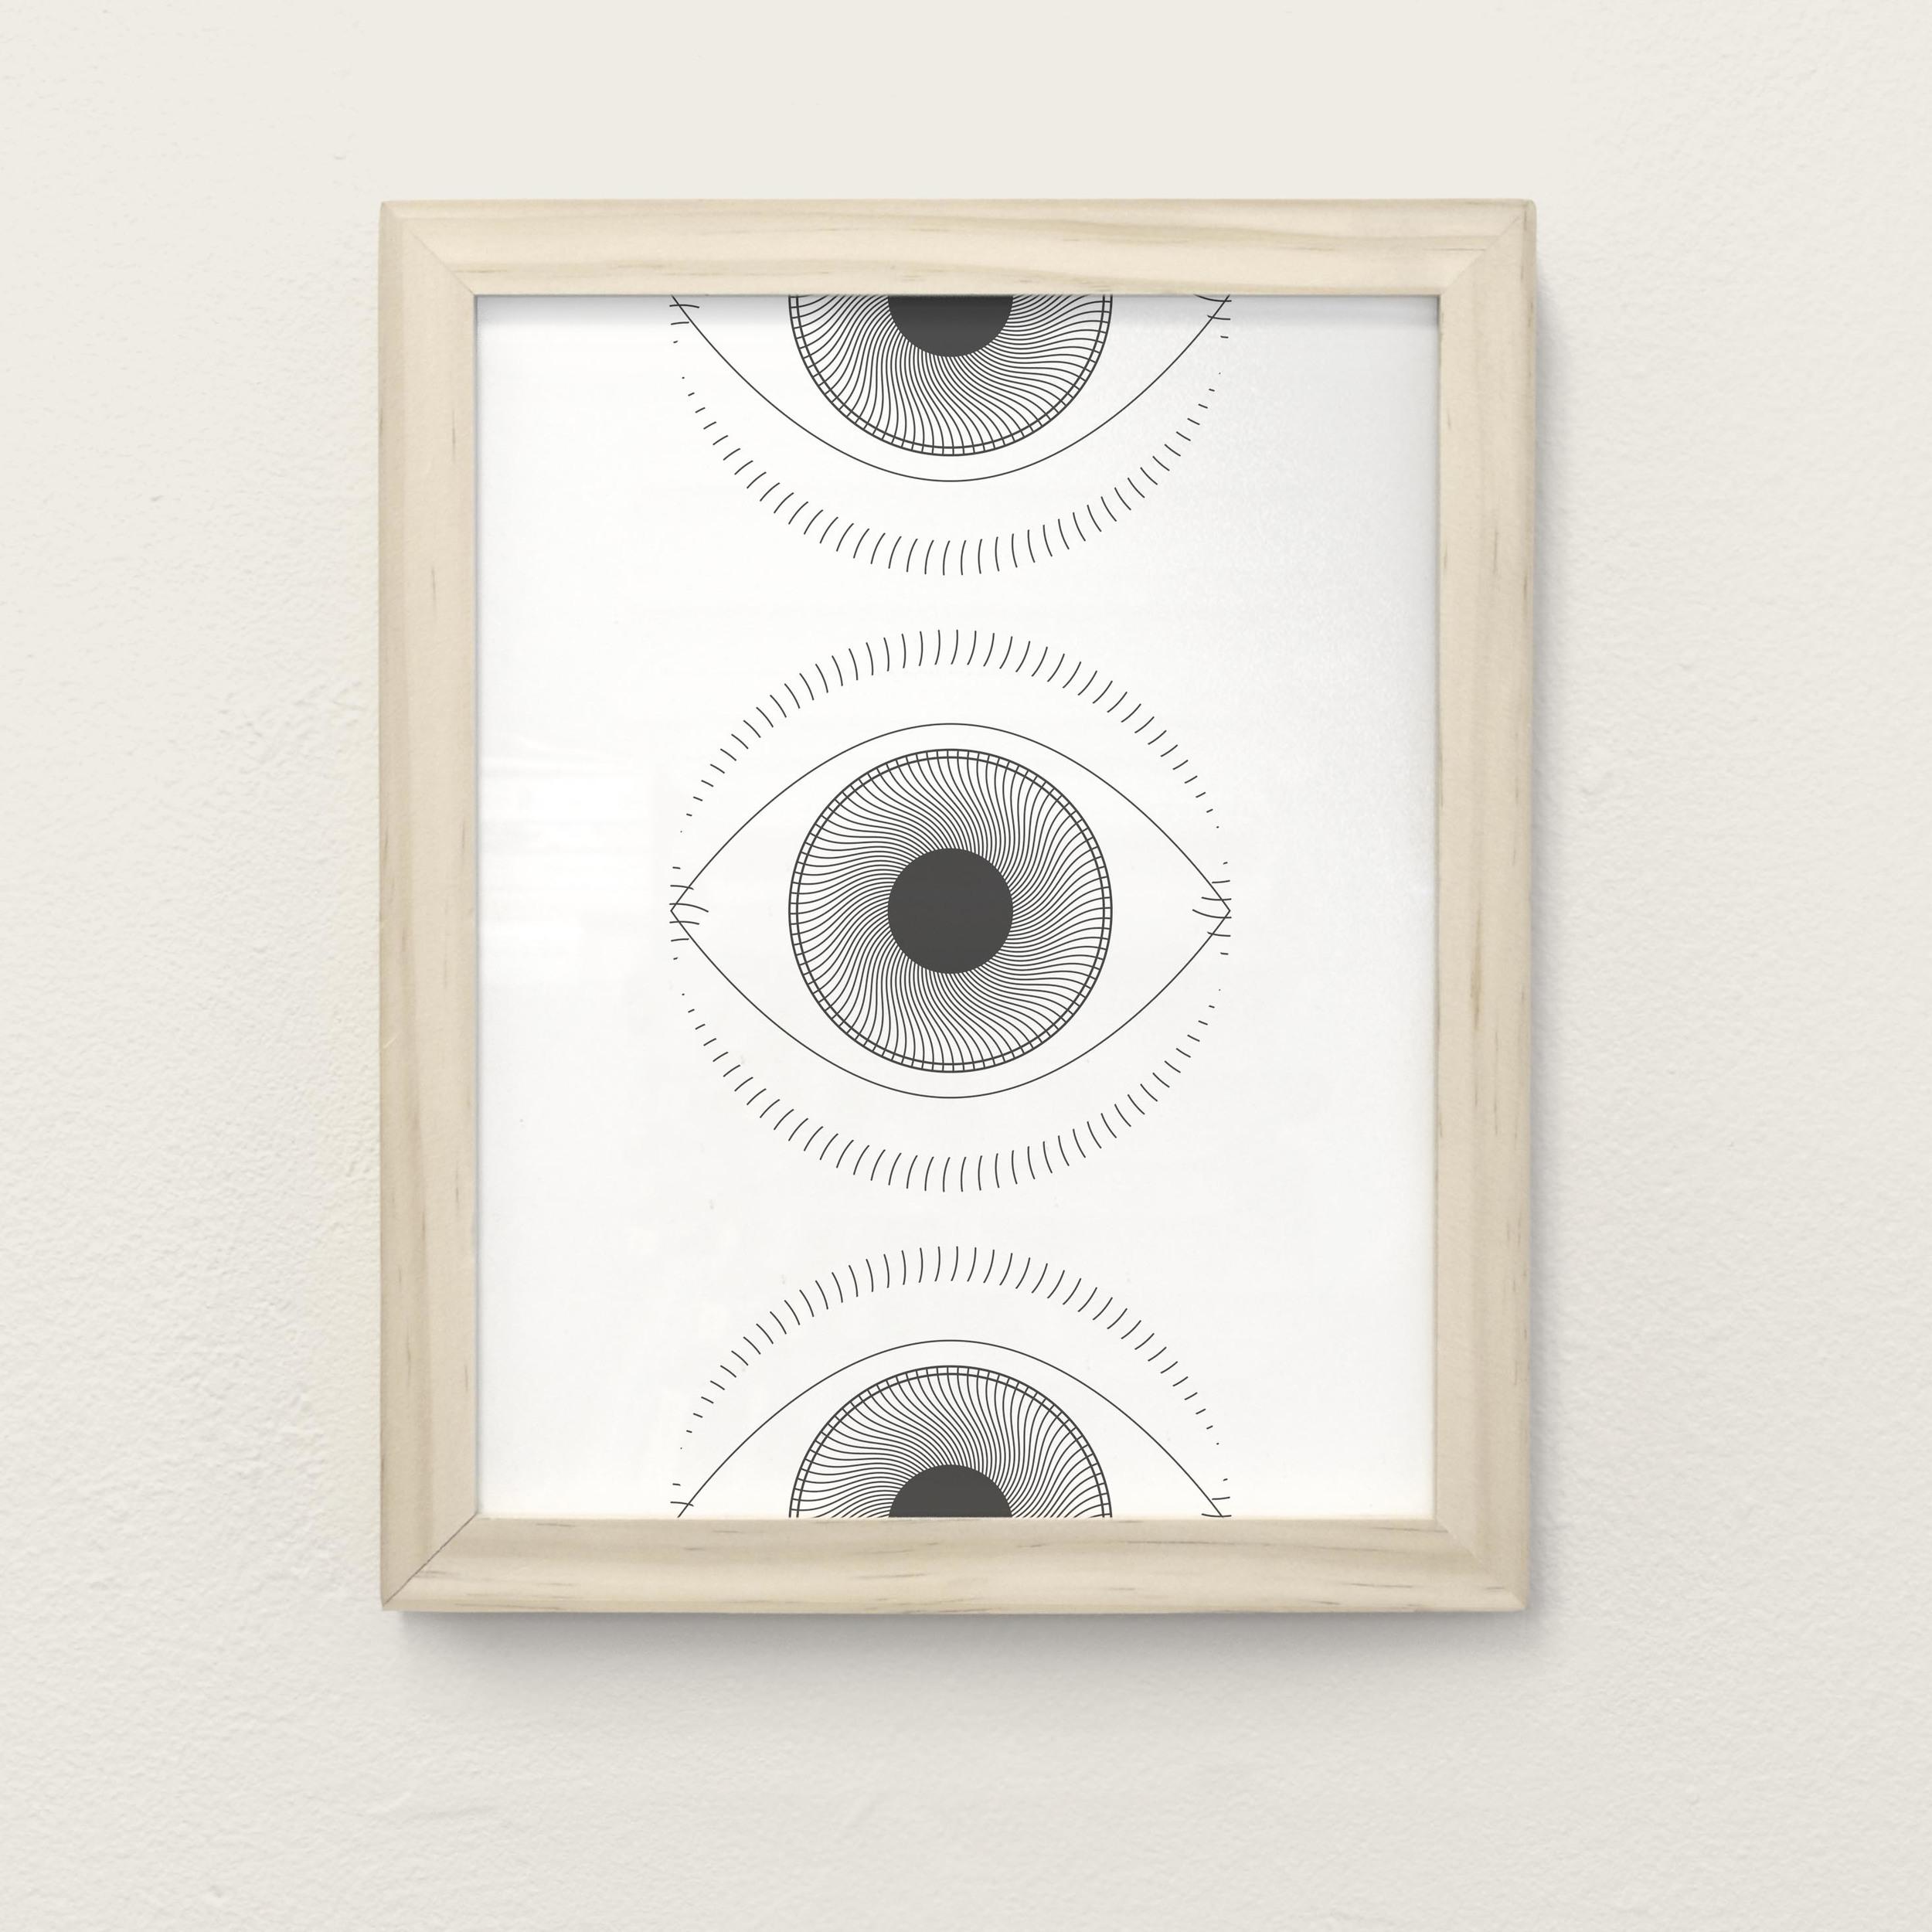 Framed-White_0002_Aware No 2.jpg